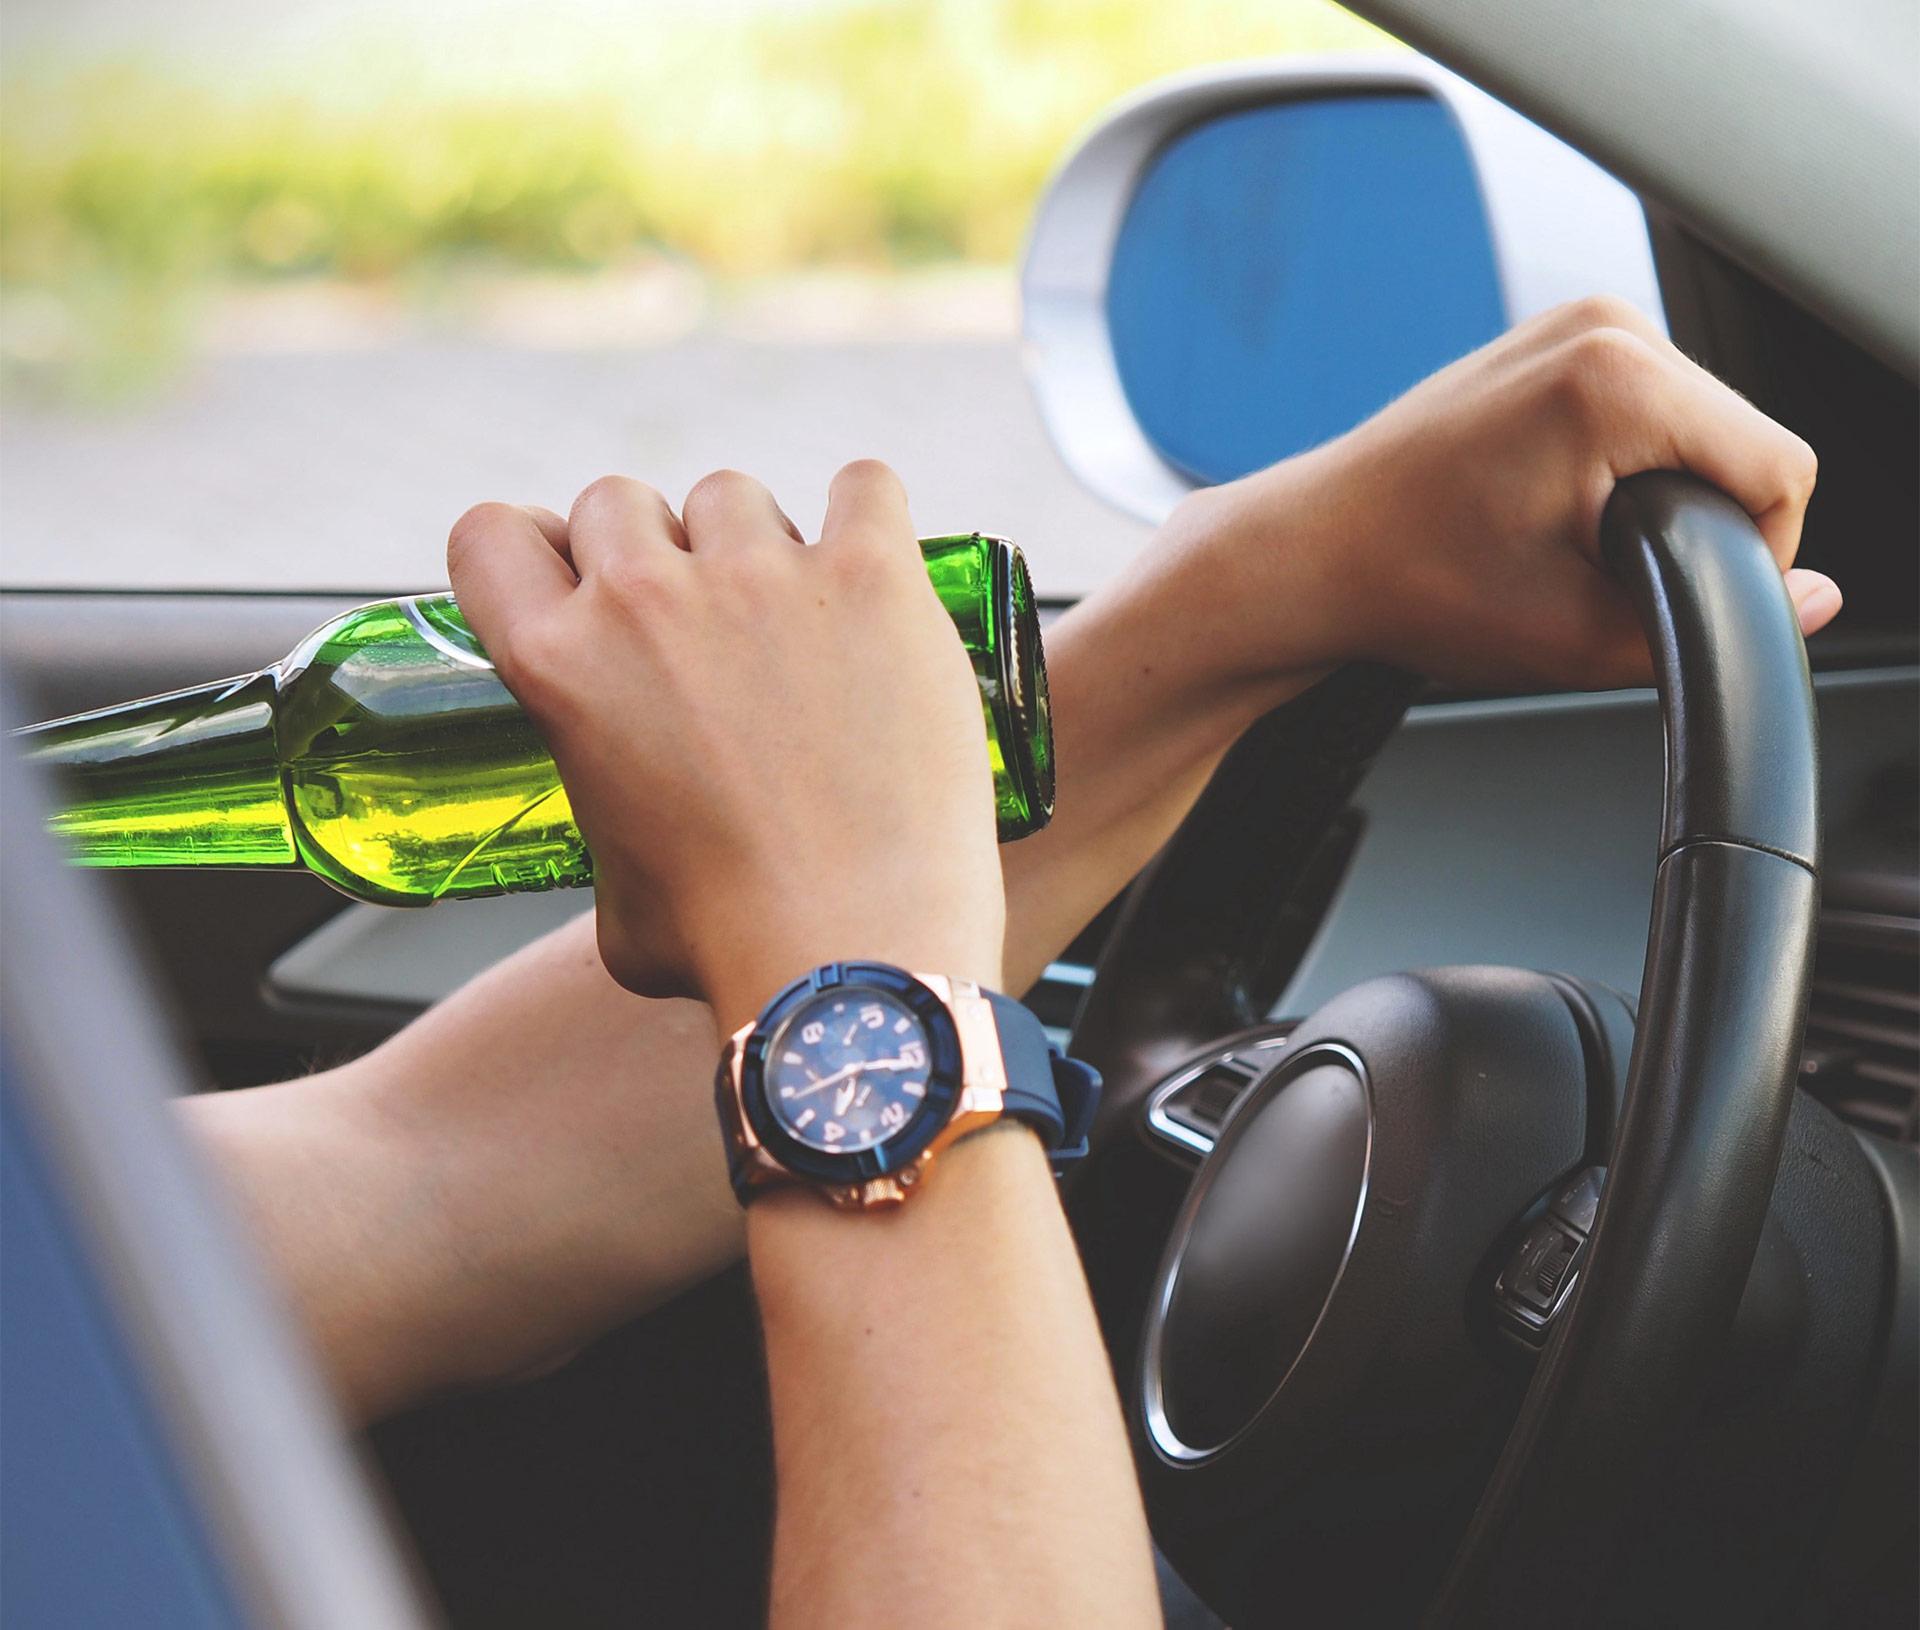 Alkohol MPU. Wie bereite ich mich auf meine Alkohol MPU vor?